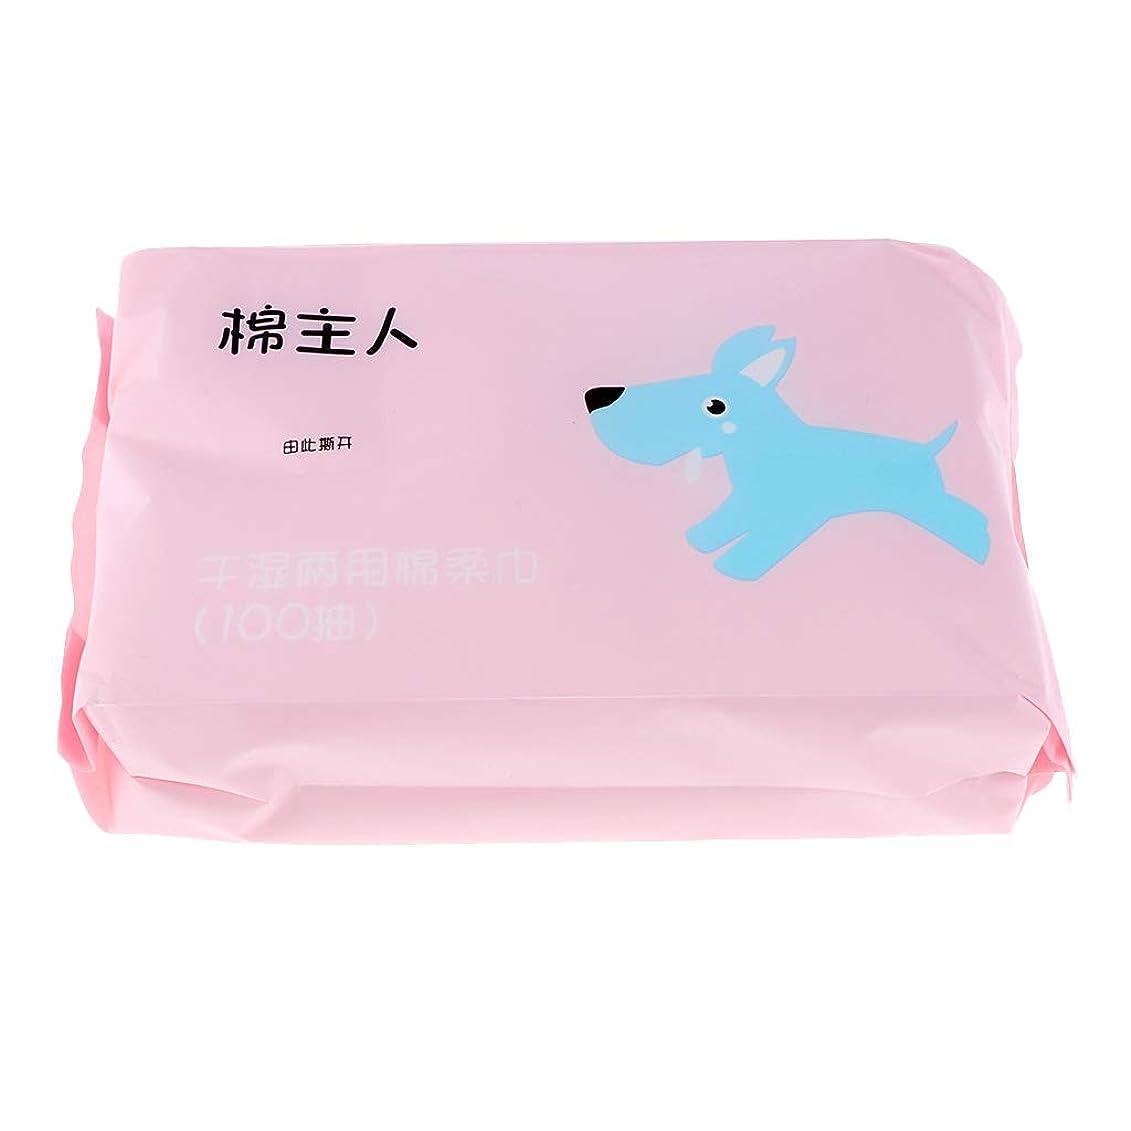 ペインティング誰も第二B Baosity 約100枚 使い捨て クレンジングシート ソフト 便利 スキンケア 2色選べ  - ピンク